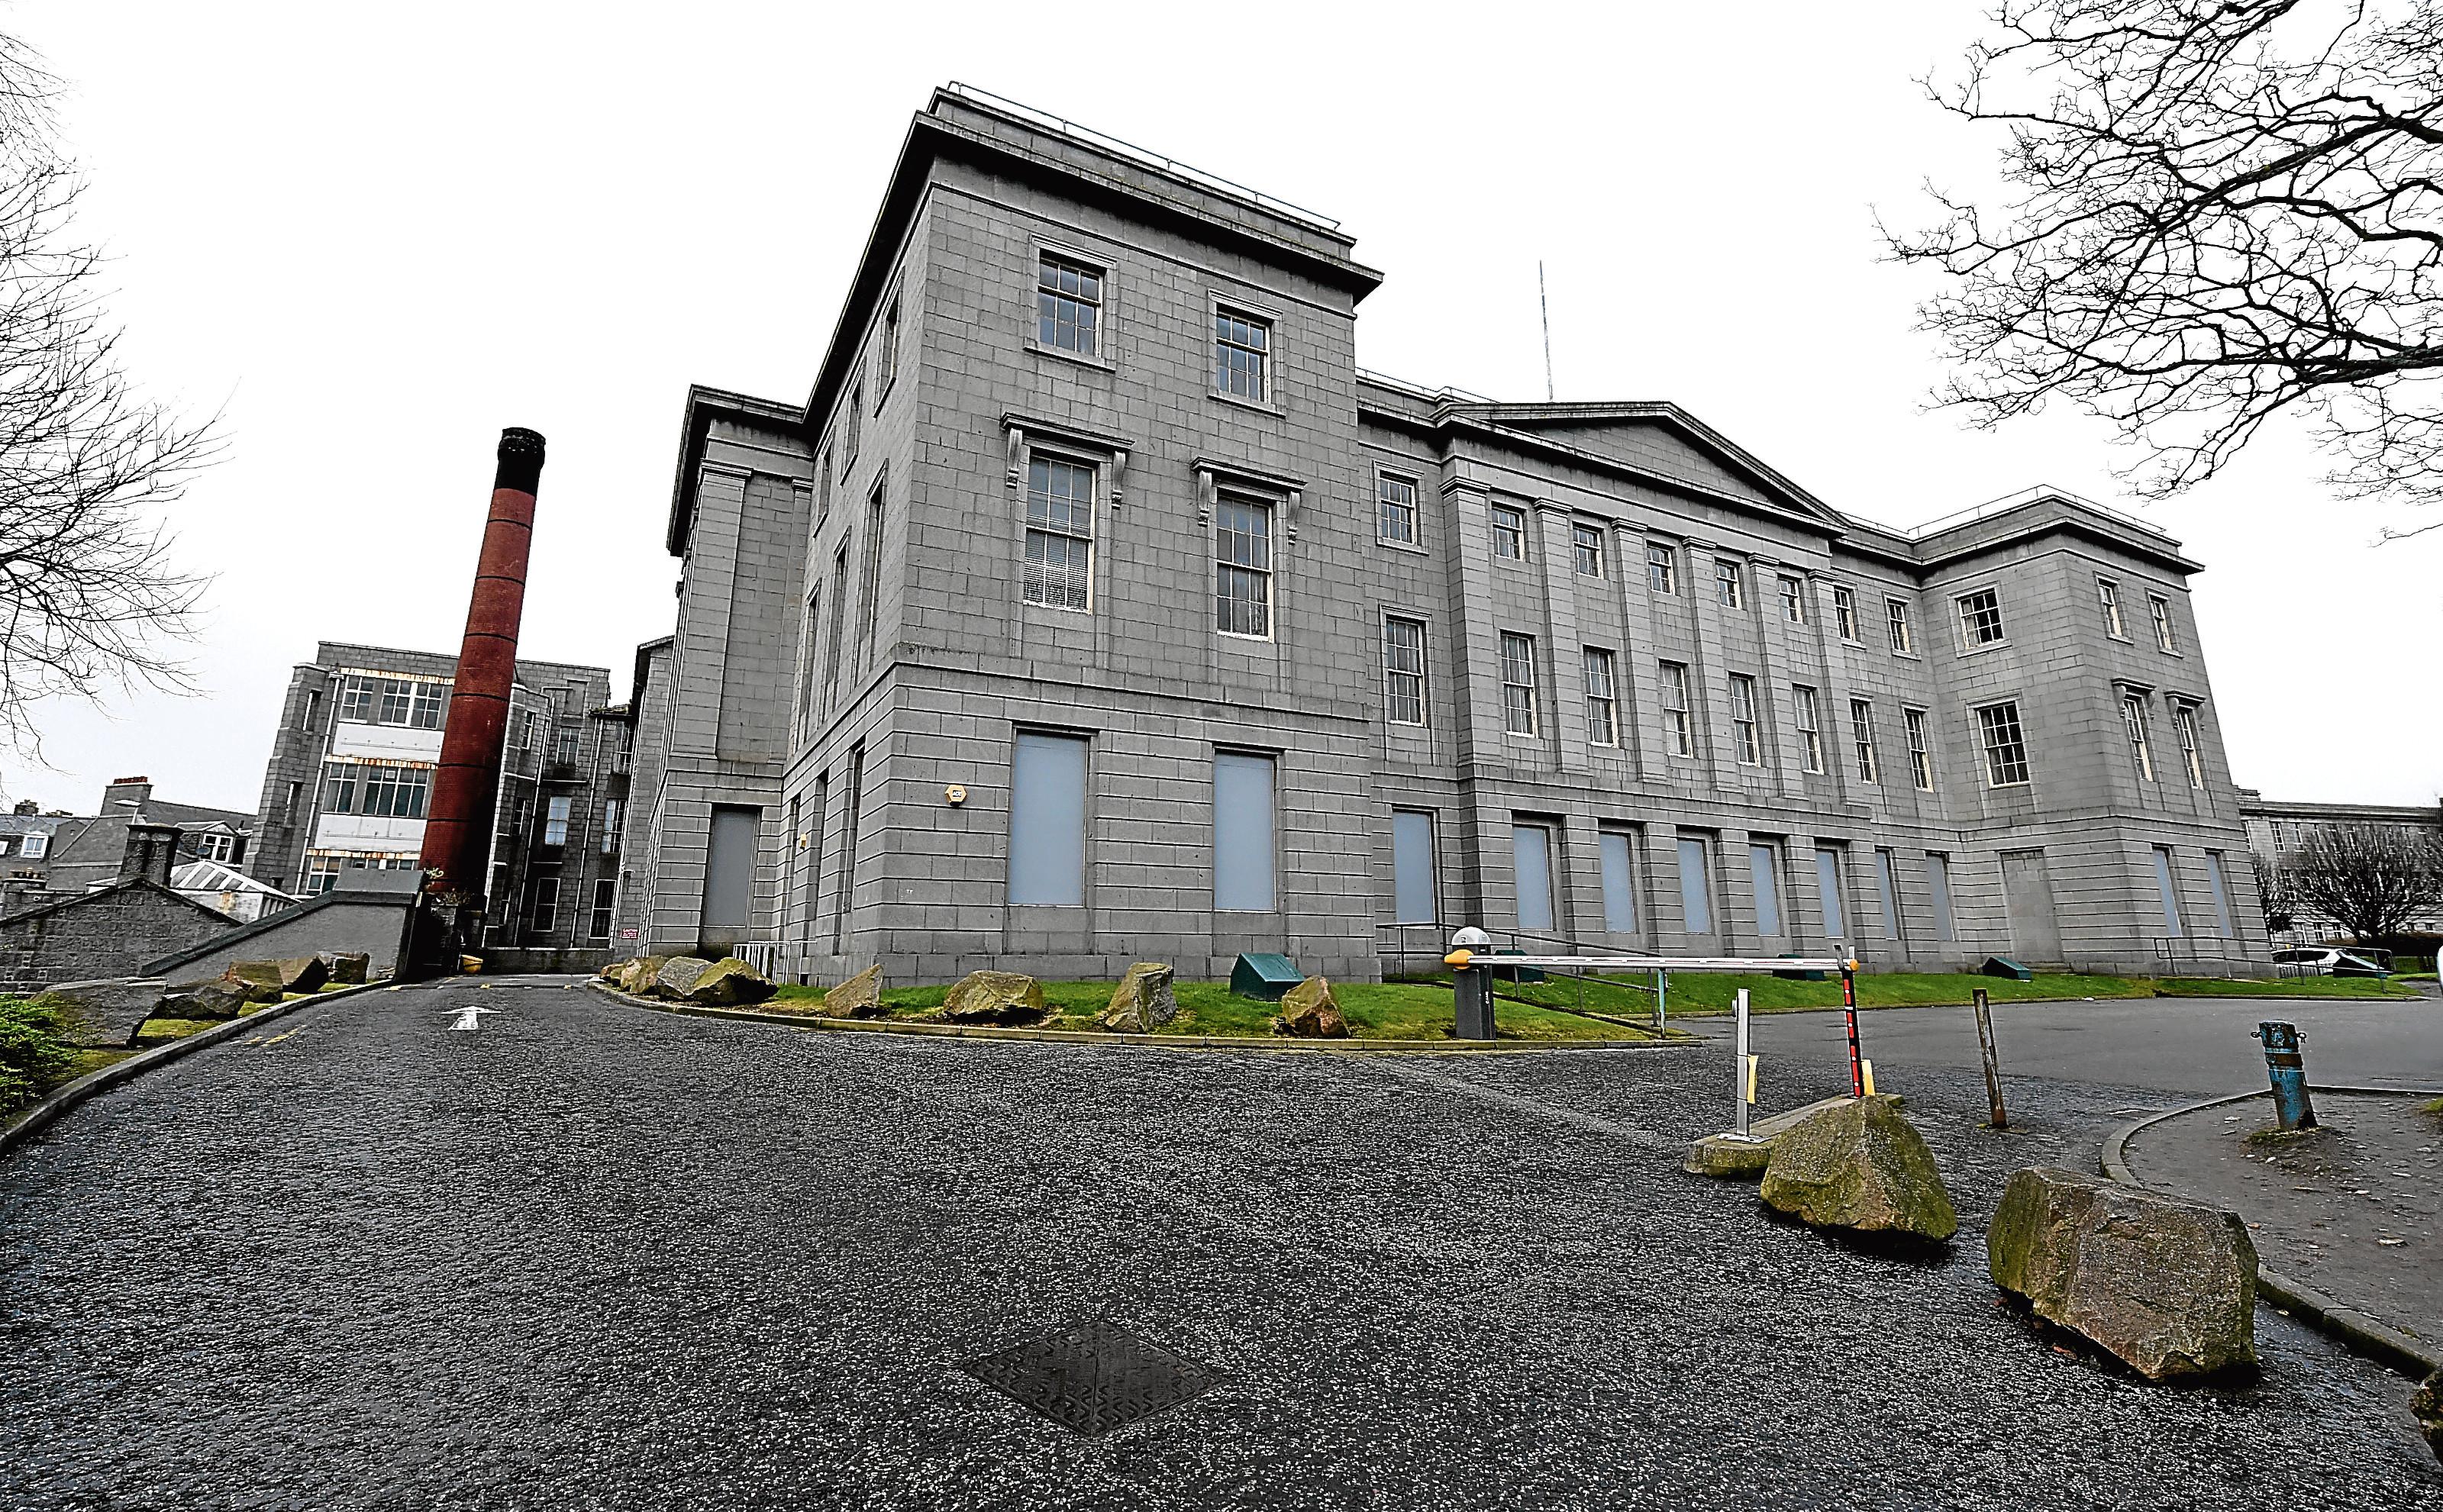 NHS Grampian is set to make money selling buildings.